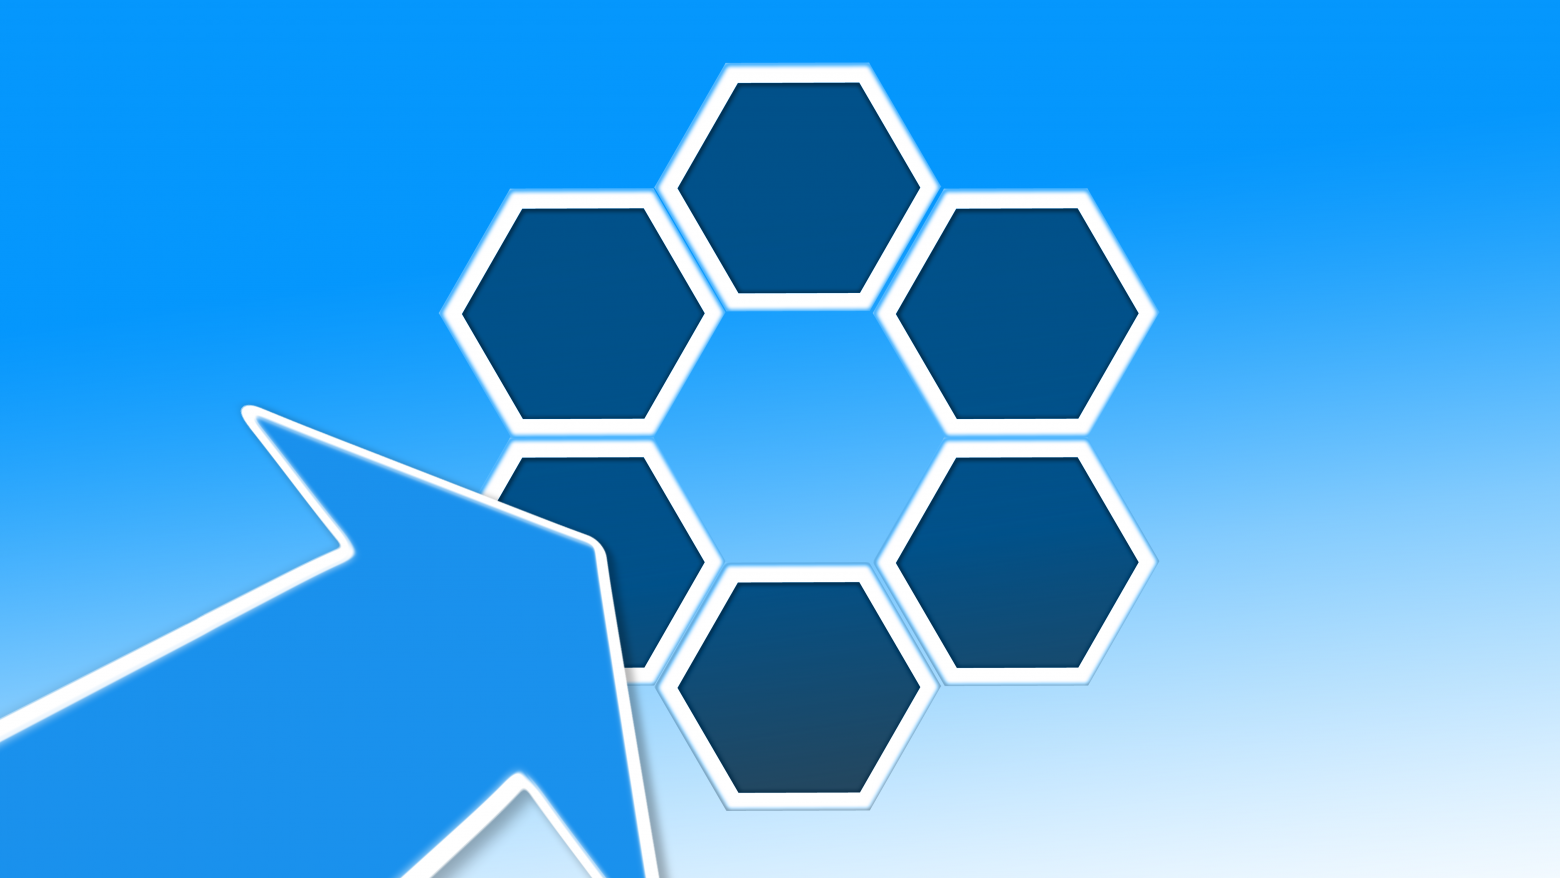 hexagon-3069172